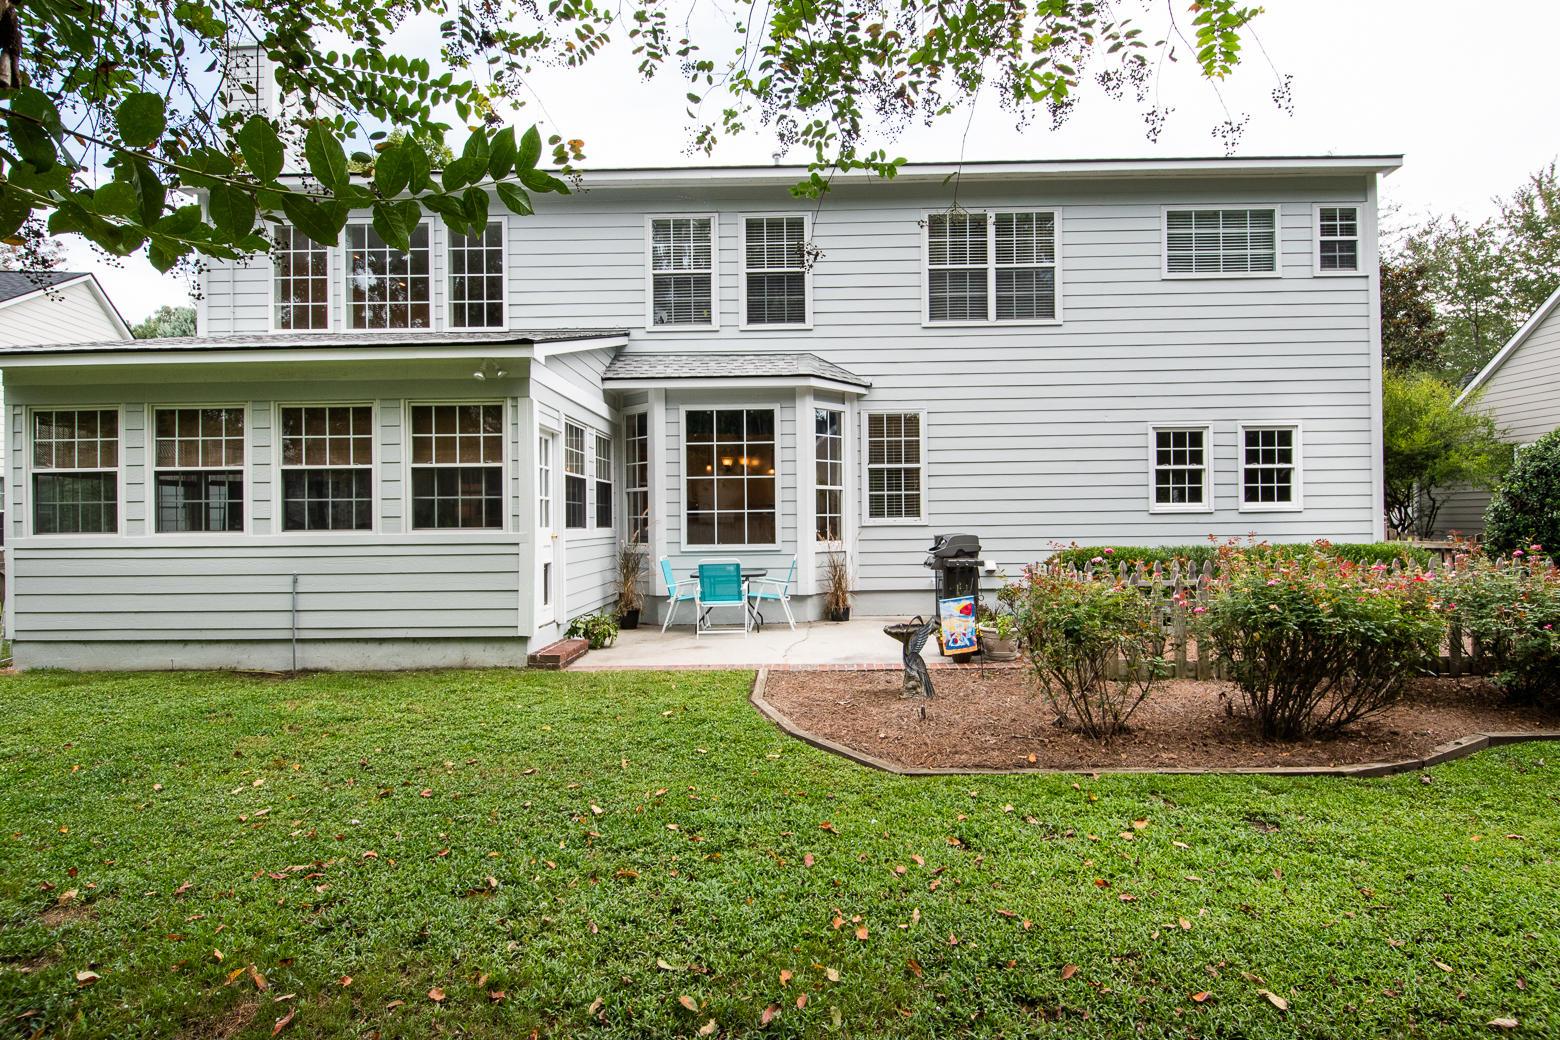 Dunes West Homes For Sale - 1111 Black Rush, Mount Pleasant, SC - 55